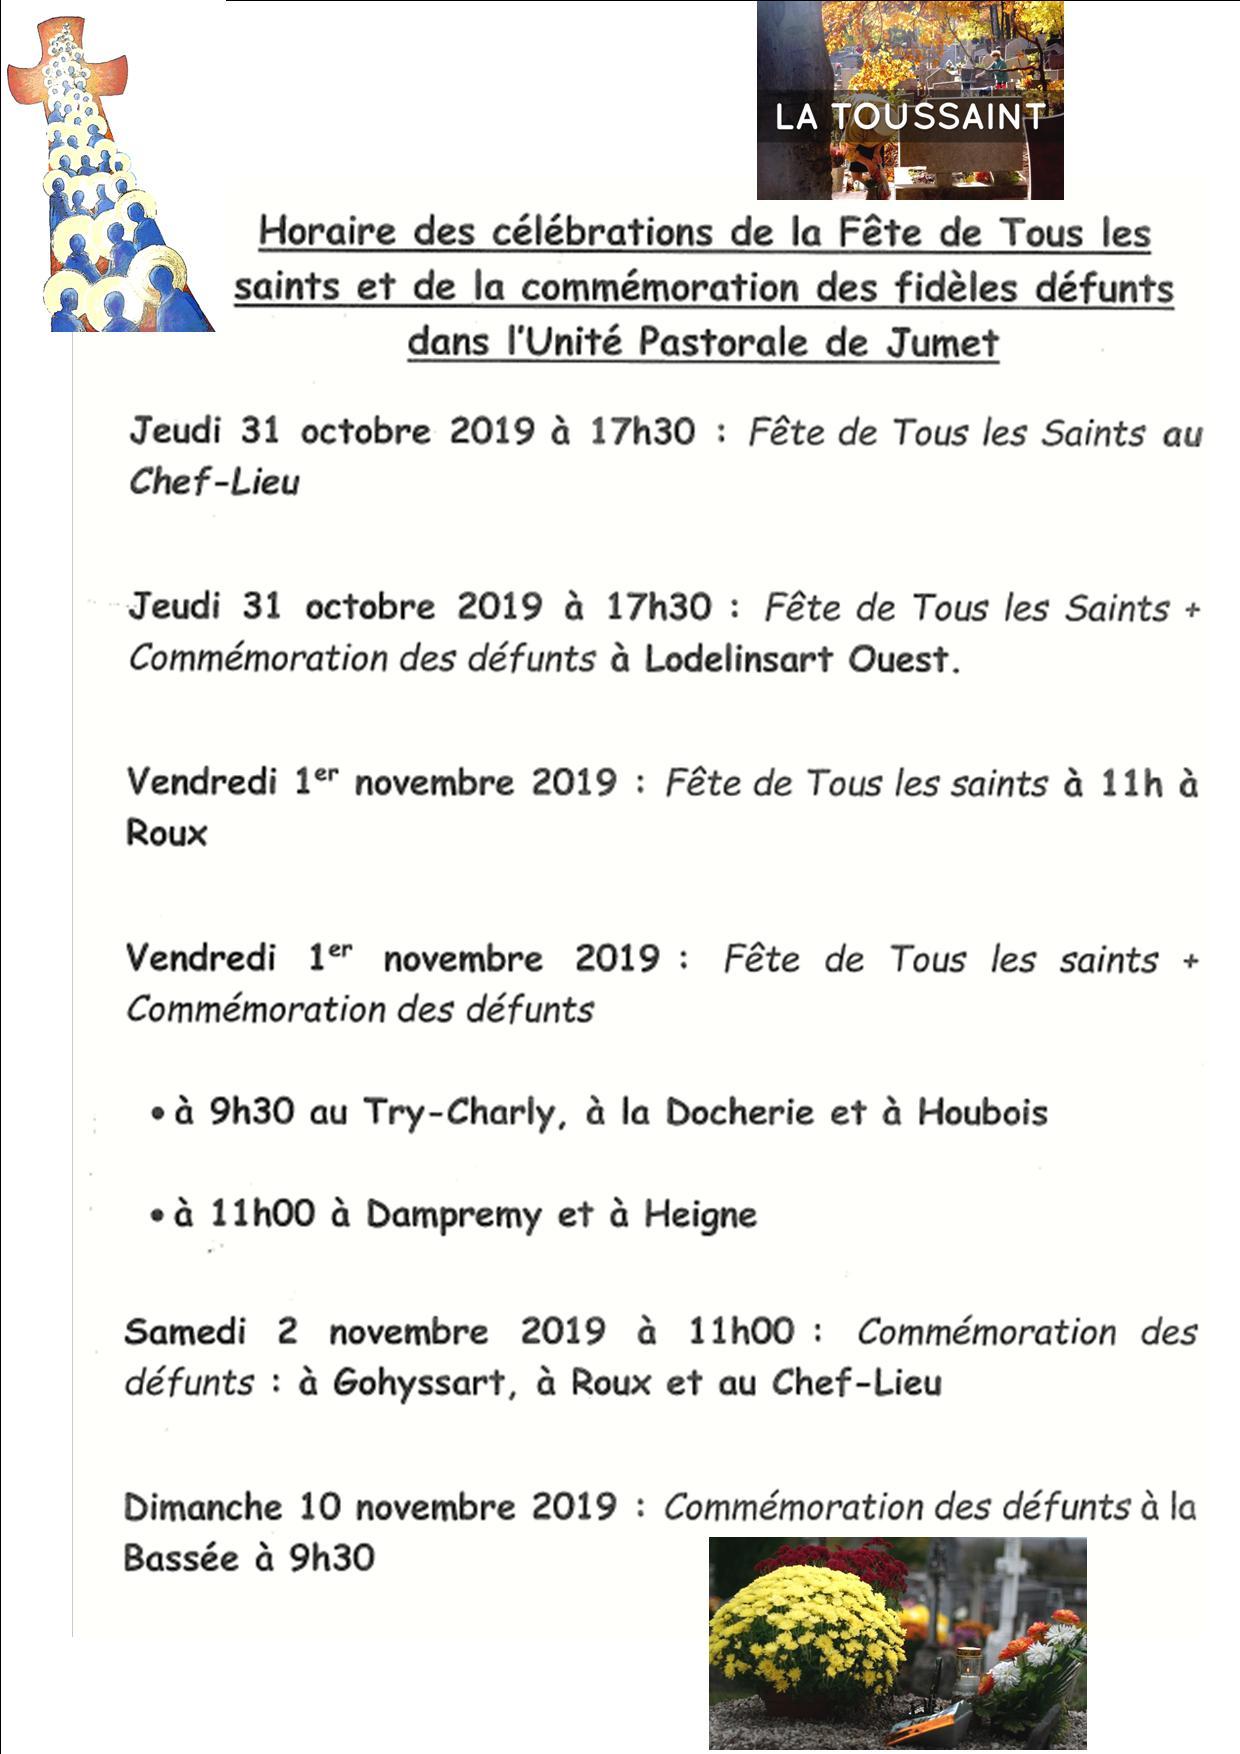 calendrier toussaint 2019